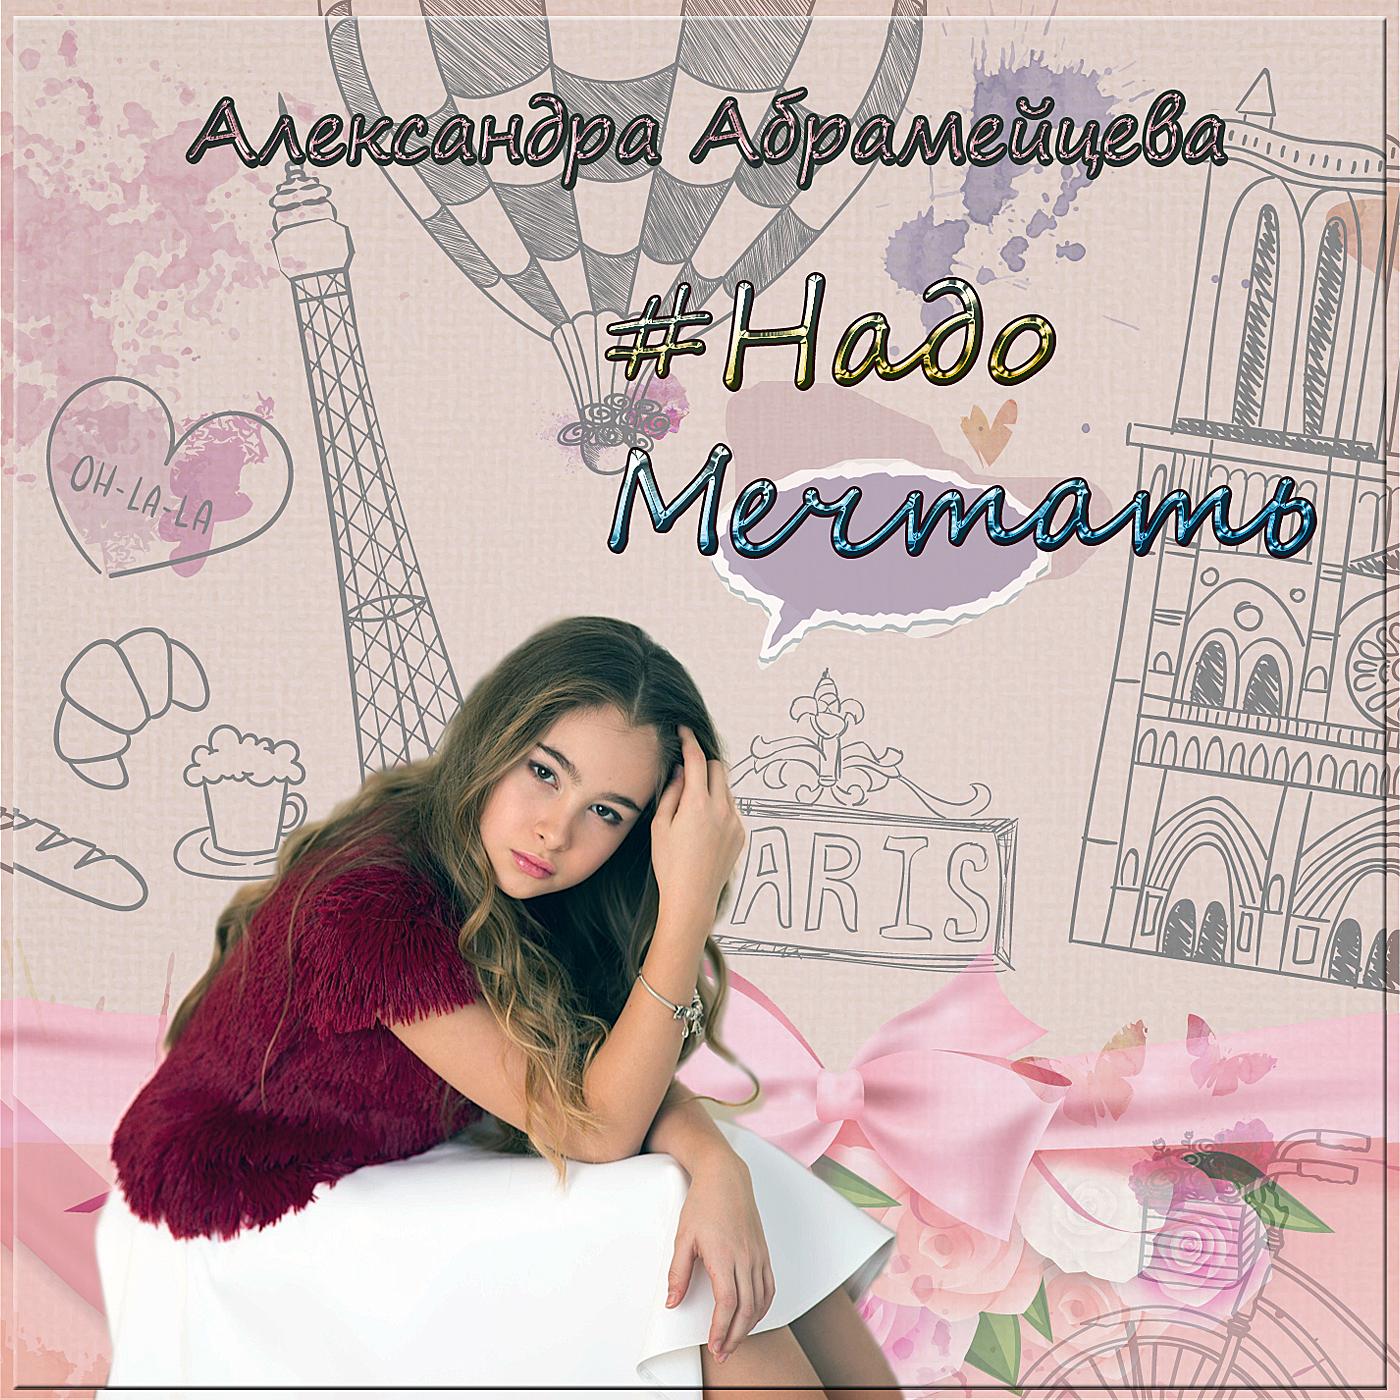 Новый сингл Александры Абрамейцевой #Надо Мечтать.